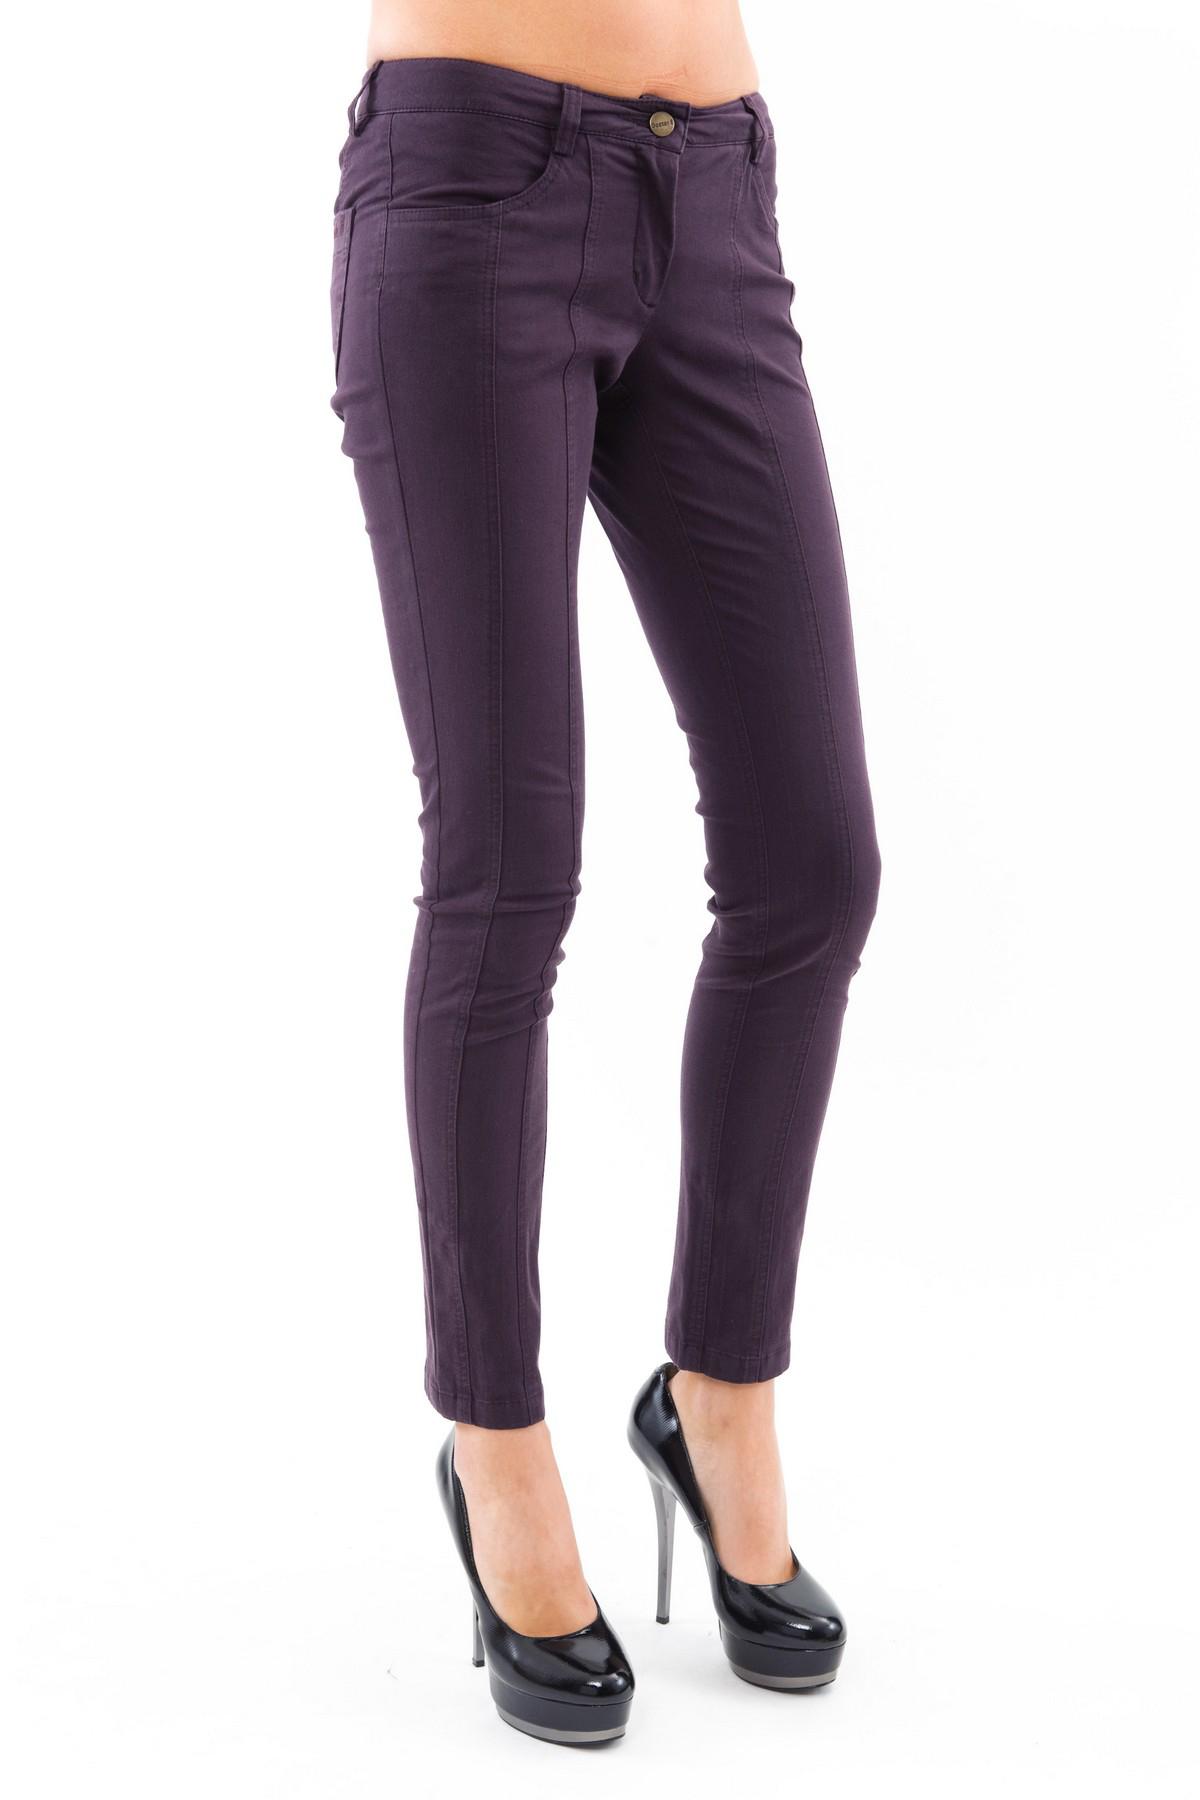 БрюкиЖенские юбки и брюки<br>Практичные брюки для истинных модниц, отлично садятся по фигуре, делая Вас стройной и привлекательной.  В таких брюках Вы всегда будете выглядеть привлекательно. Брюки отлично сочетаются с пестрым топом или однотонной блузой, с джемпером или кардиганом. А<br><br>Цвет: чернильный<br>Состав: 48% хлопок, 4 % эластан , 48 % полиэстер<br>Размер: 50,52<br>Страна дизайна: Россия<br>Страна производства: Россия